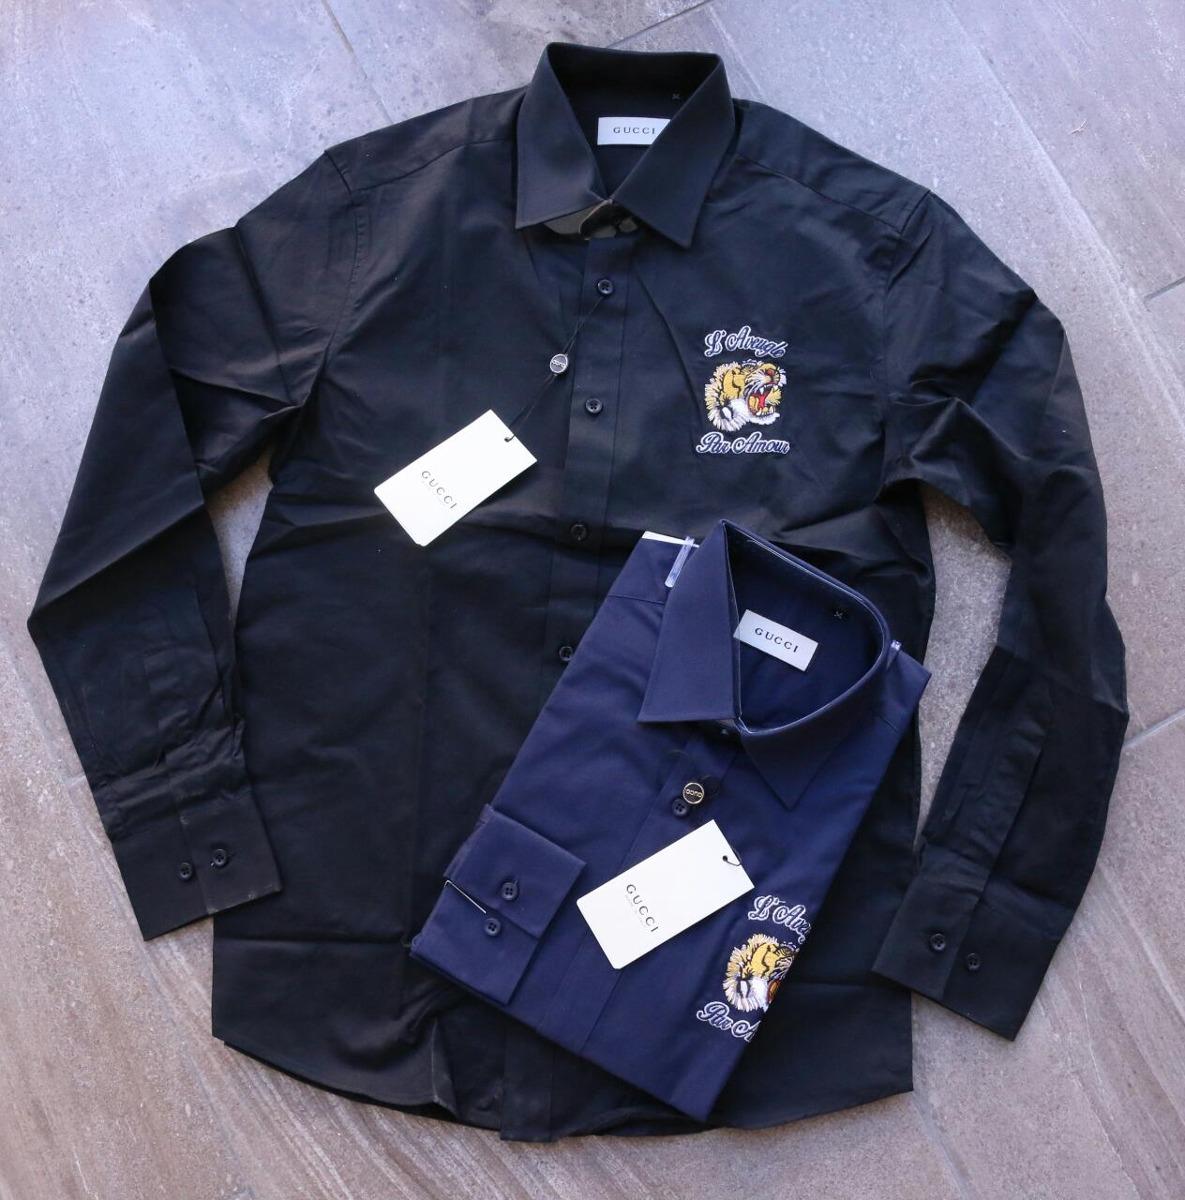 Camisas Gucci -   490.00 en Mercado Libre 3f21e54824a